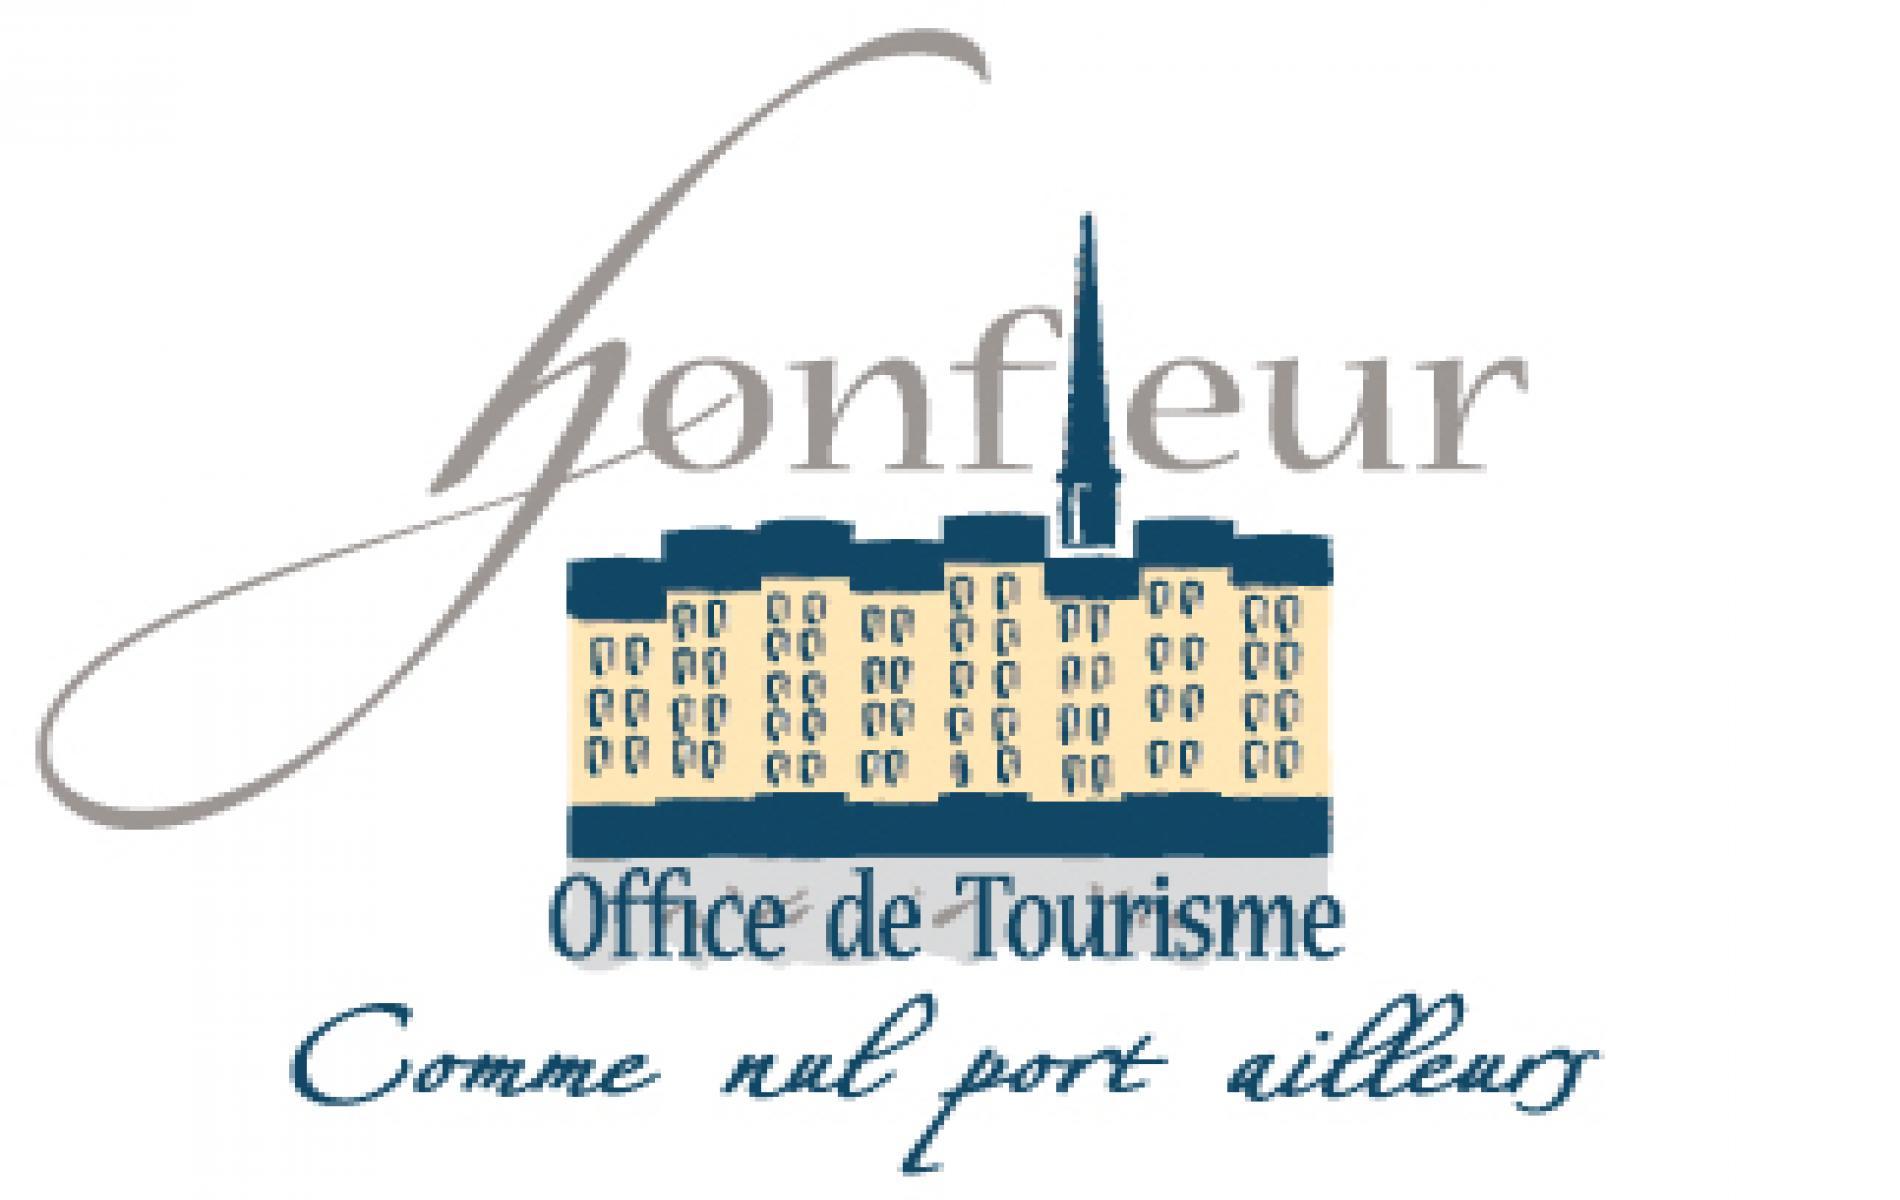 Office de tourisme Honfleur -